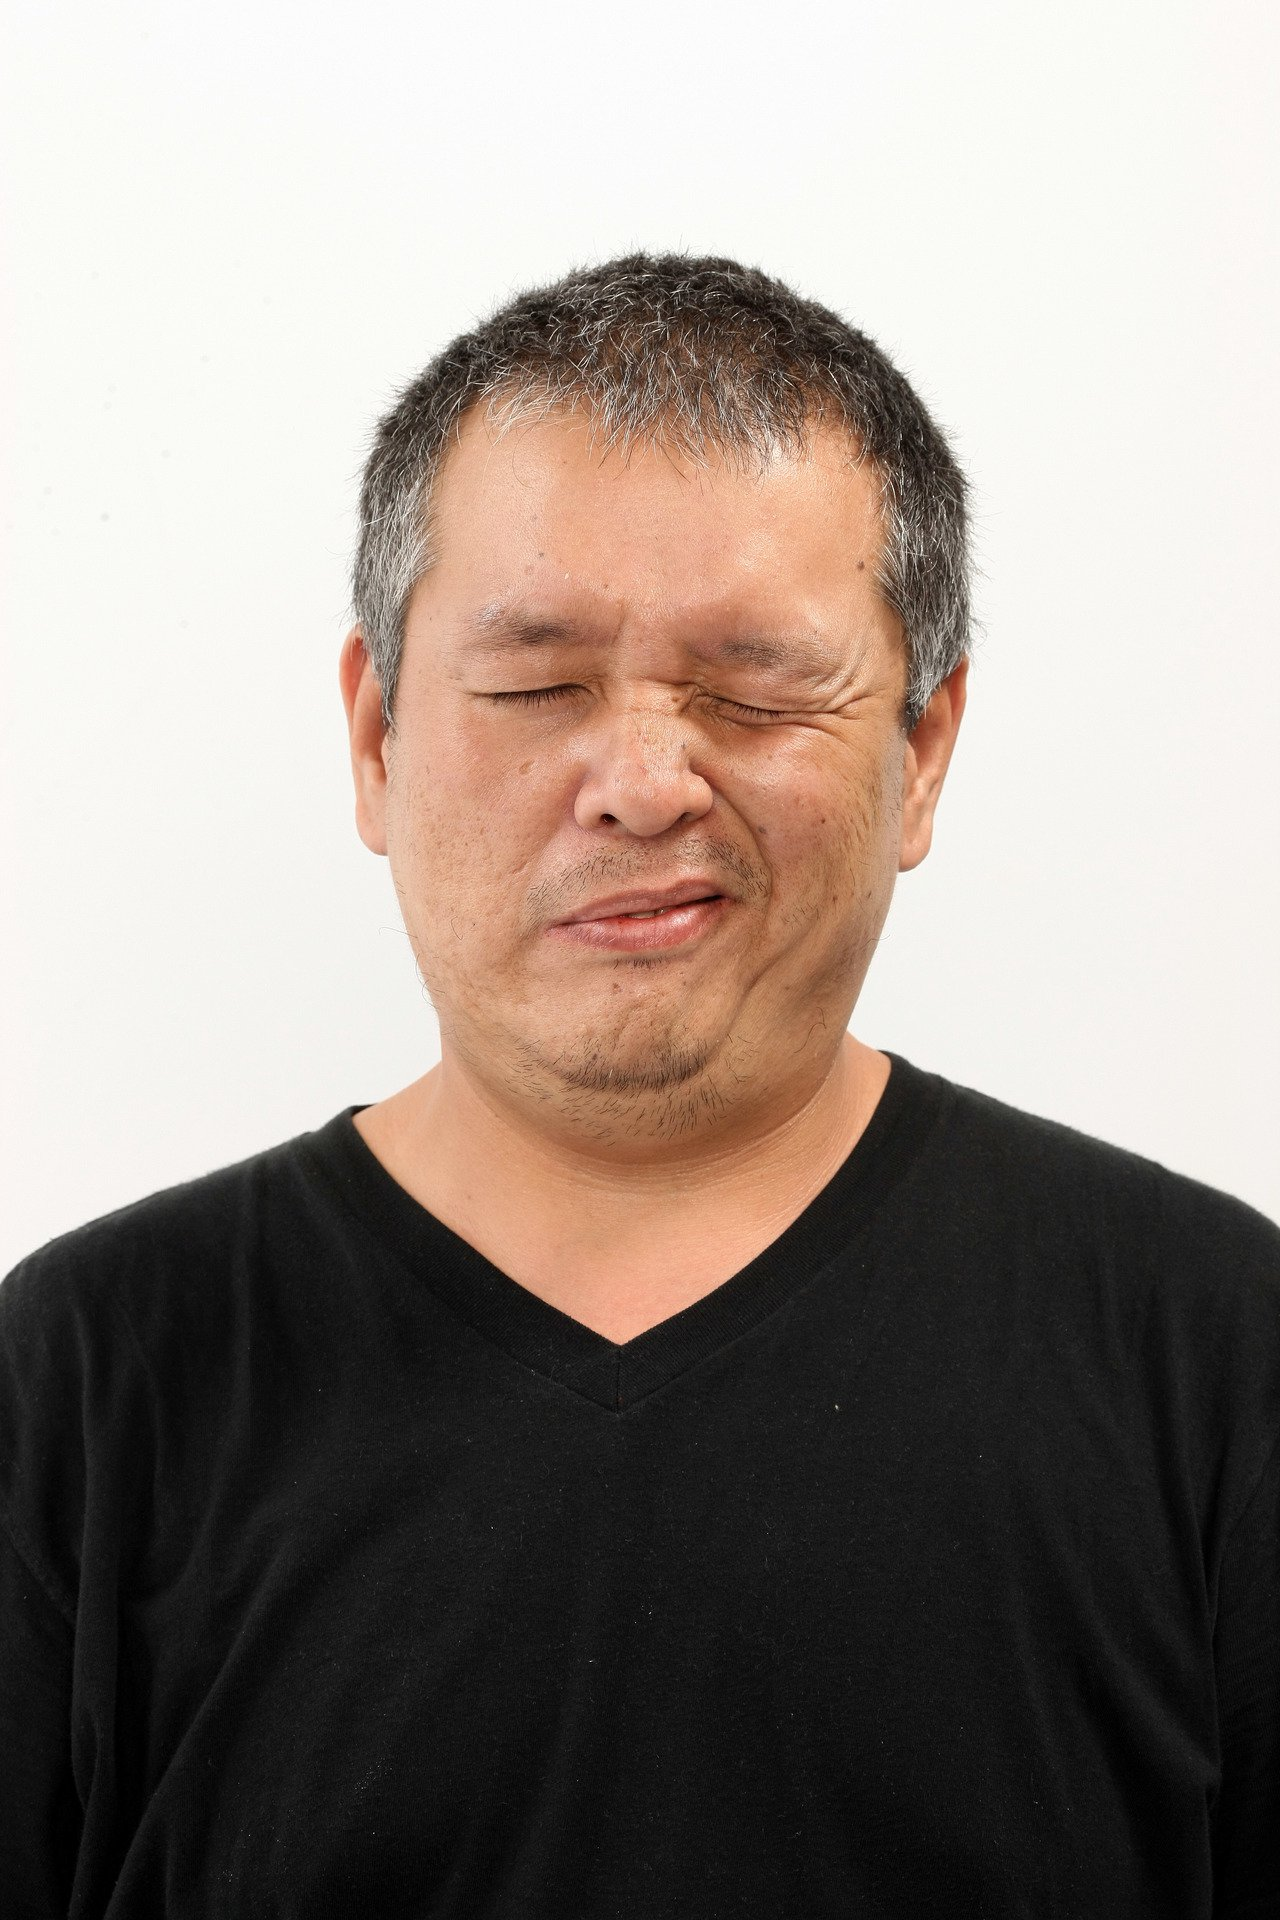 夏天天氣熱,有些民眾牙齦、耳下接連脖子處會出現紅腫、膿包而疼痛,常誤以為是火氣大...